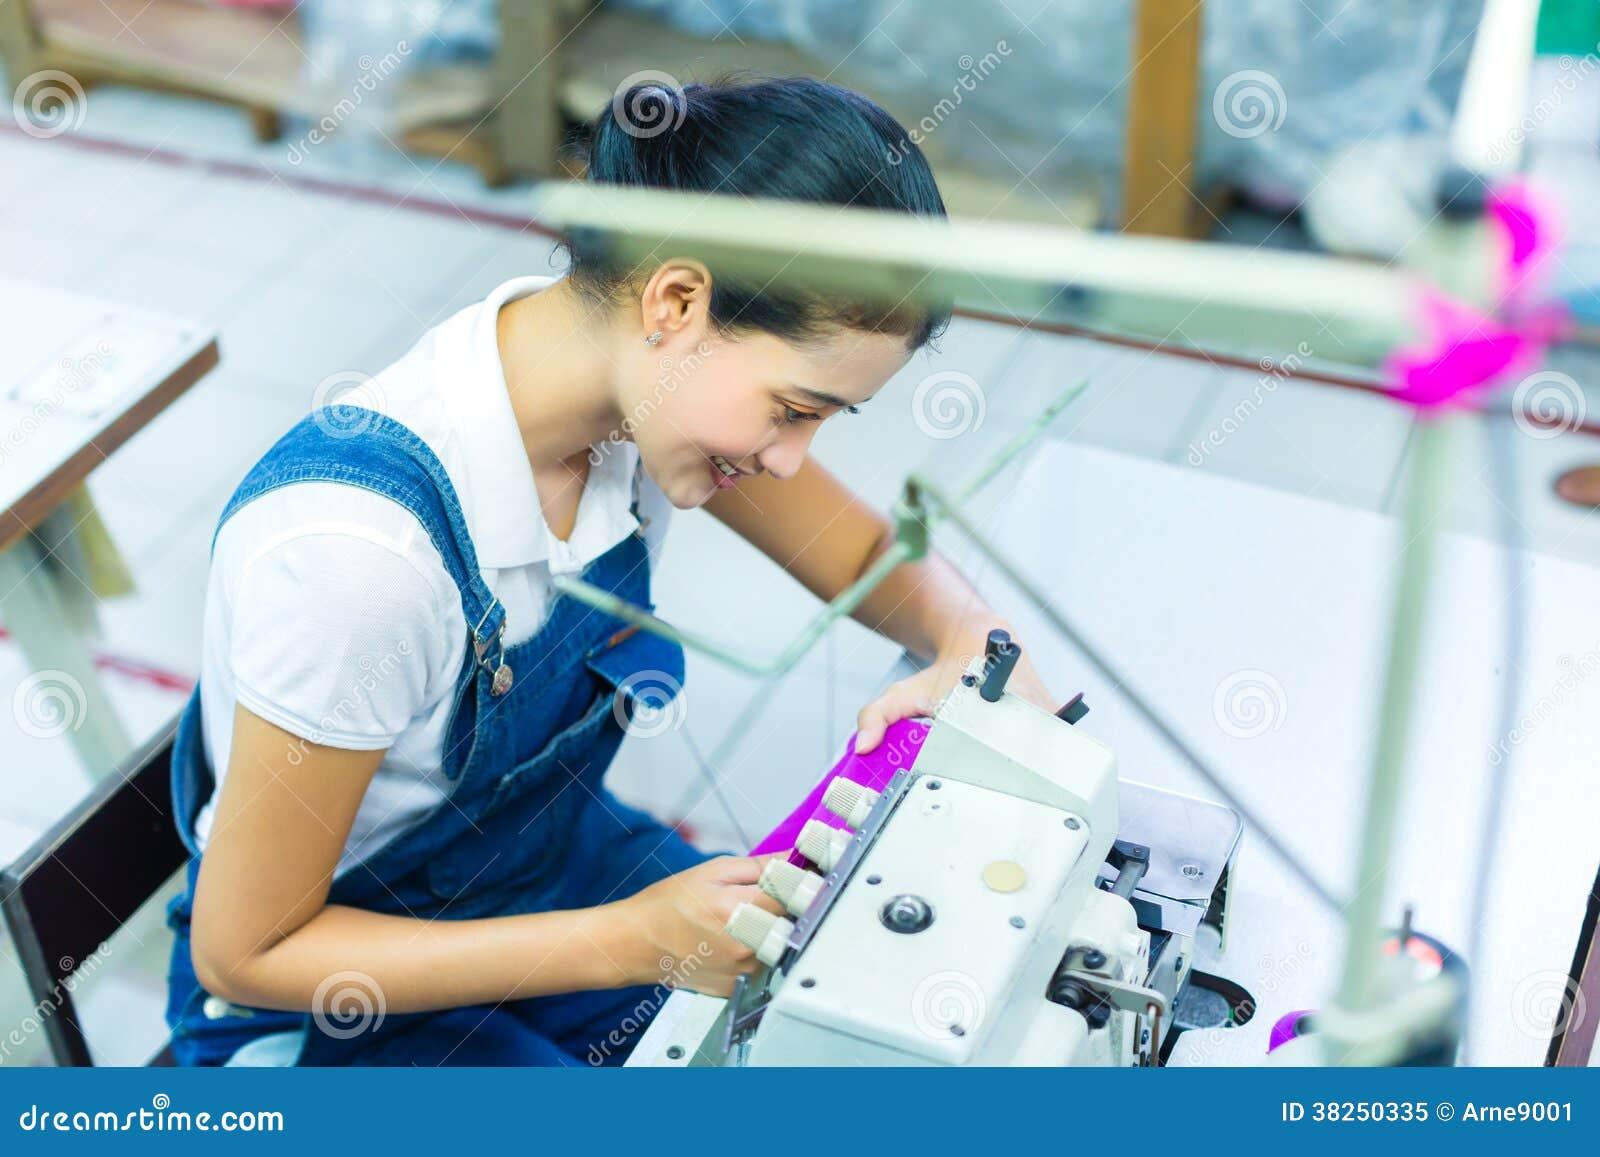 Costureira indonésia em uma fábrica de matéria têxtil